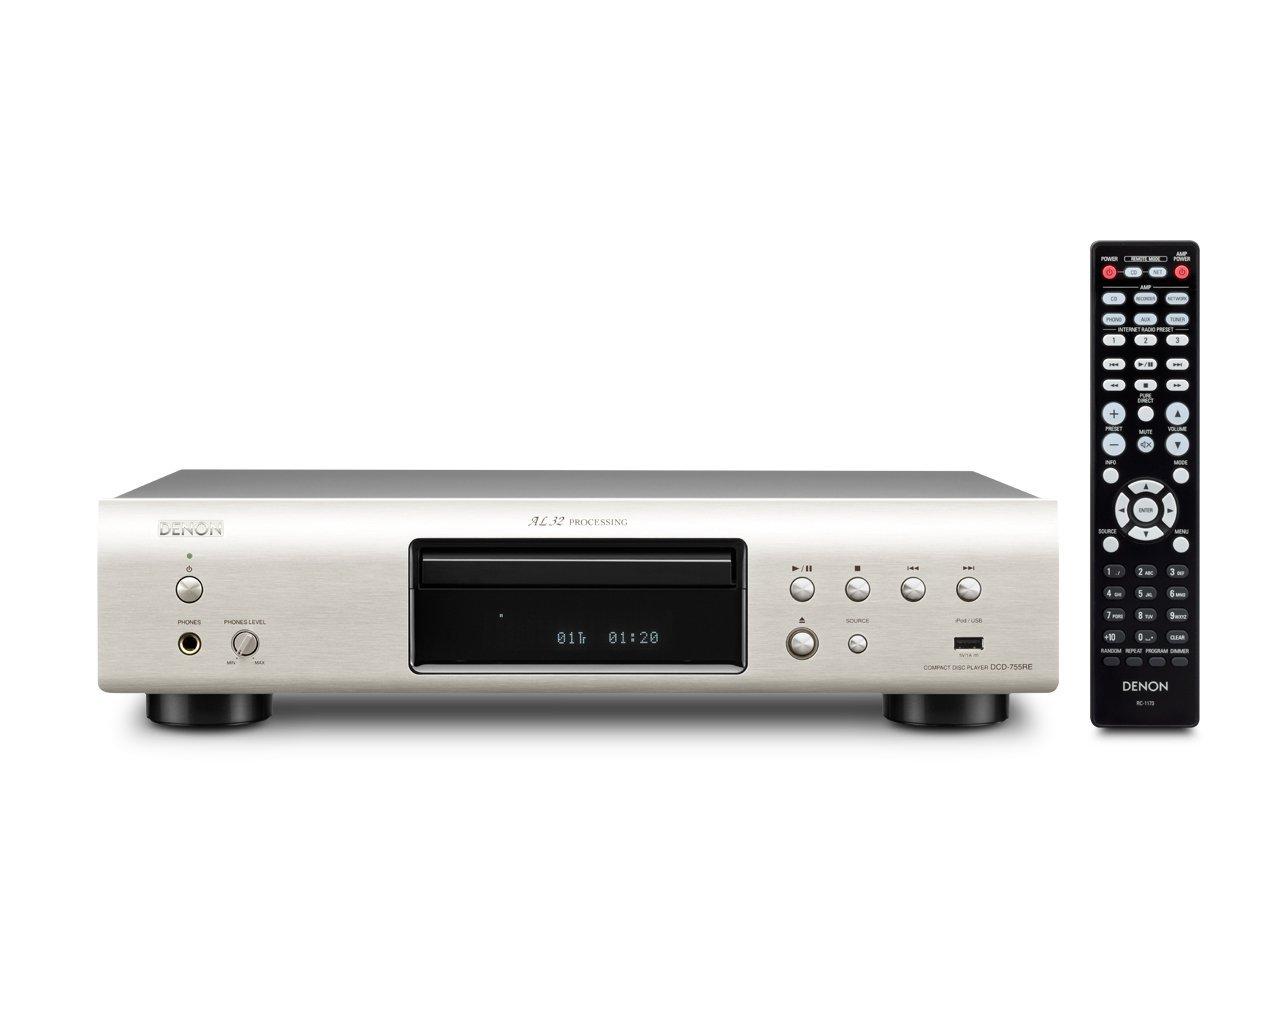 (お取り寄せ)D&M (DENON) デノン CDプレーヤー 192kHz/32bit DAC プレミアムシルバー DCD-755RESP(長期安心保証対象商品)